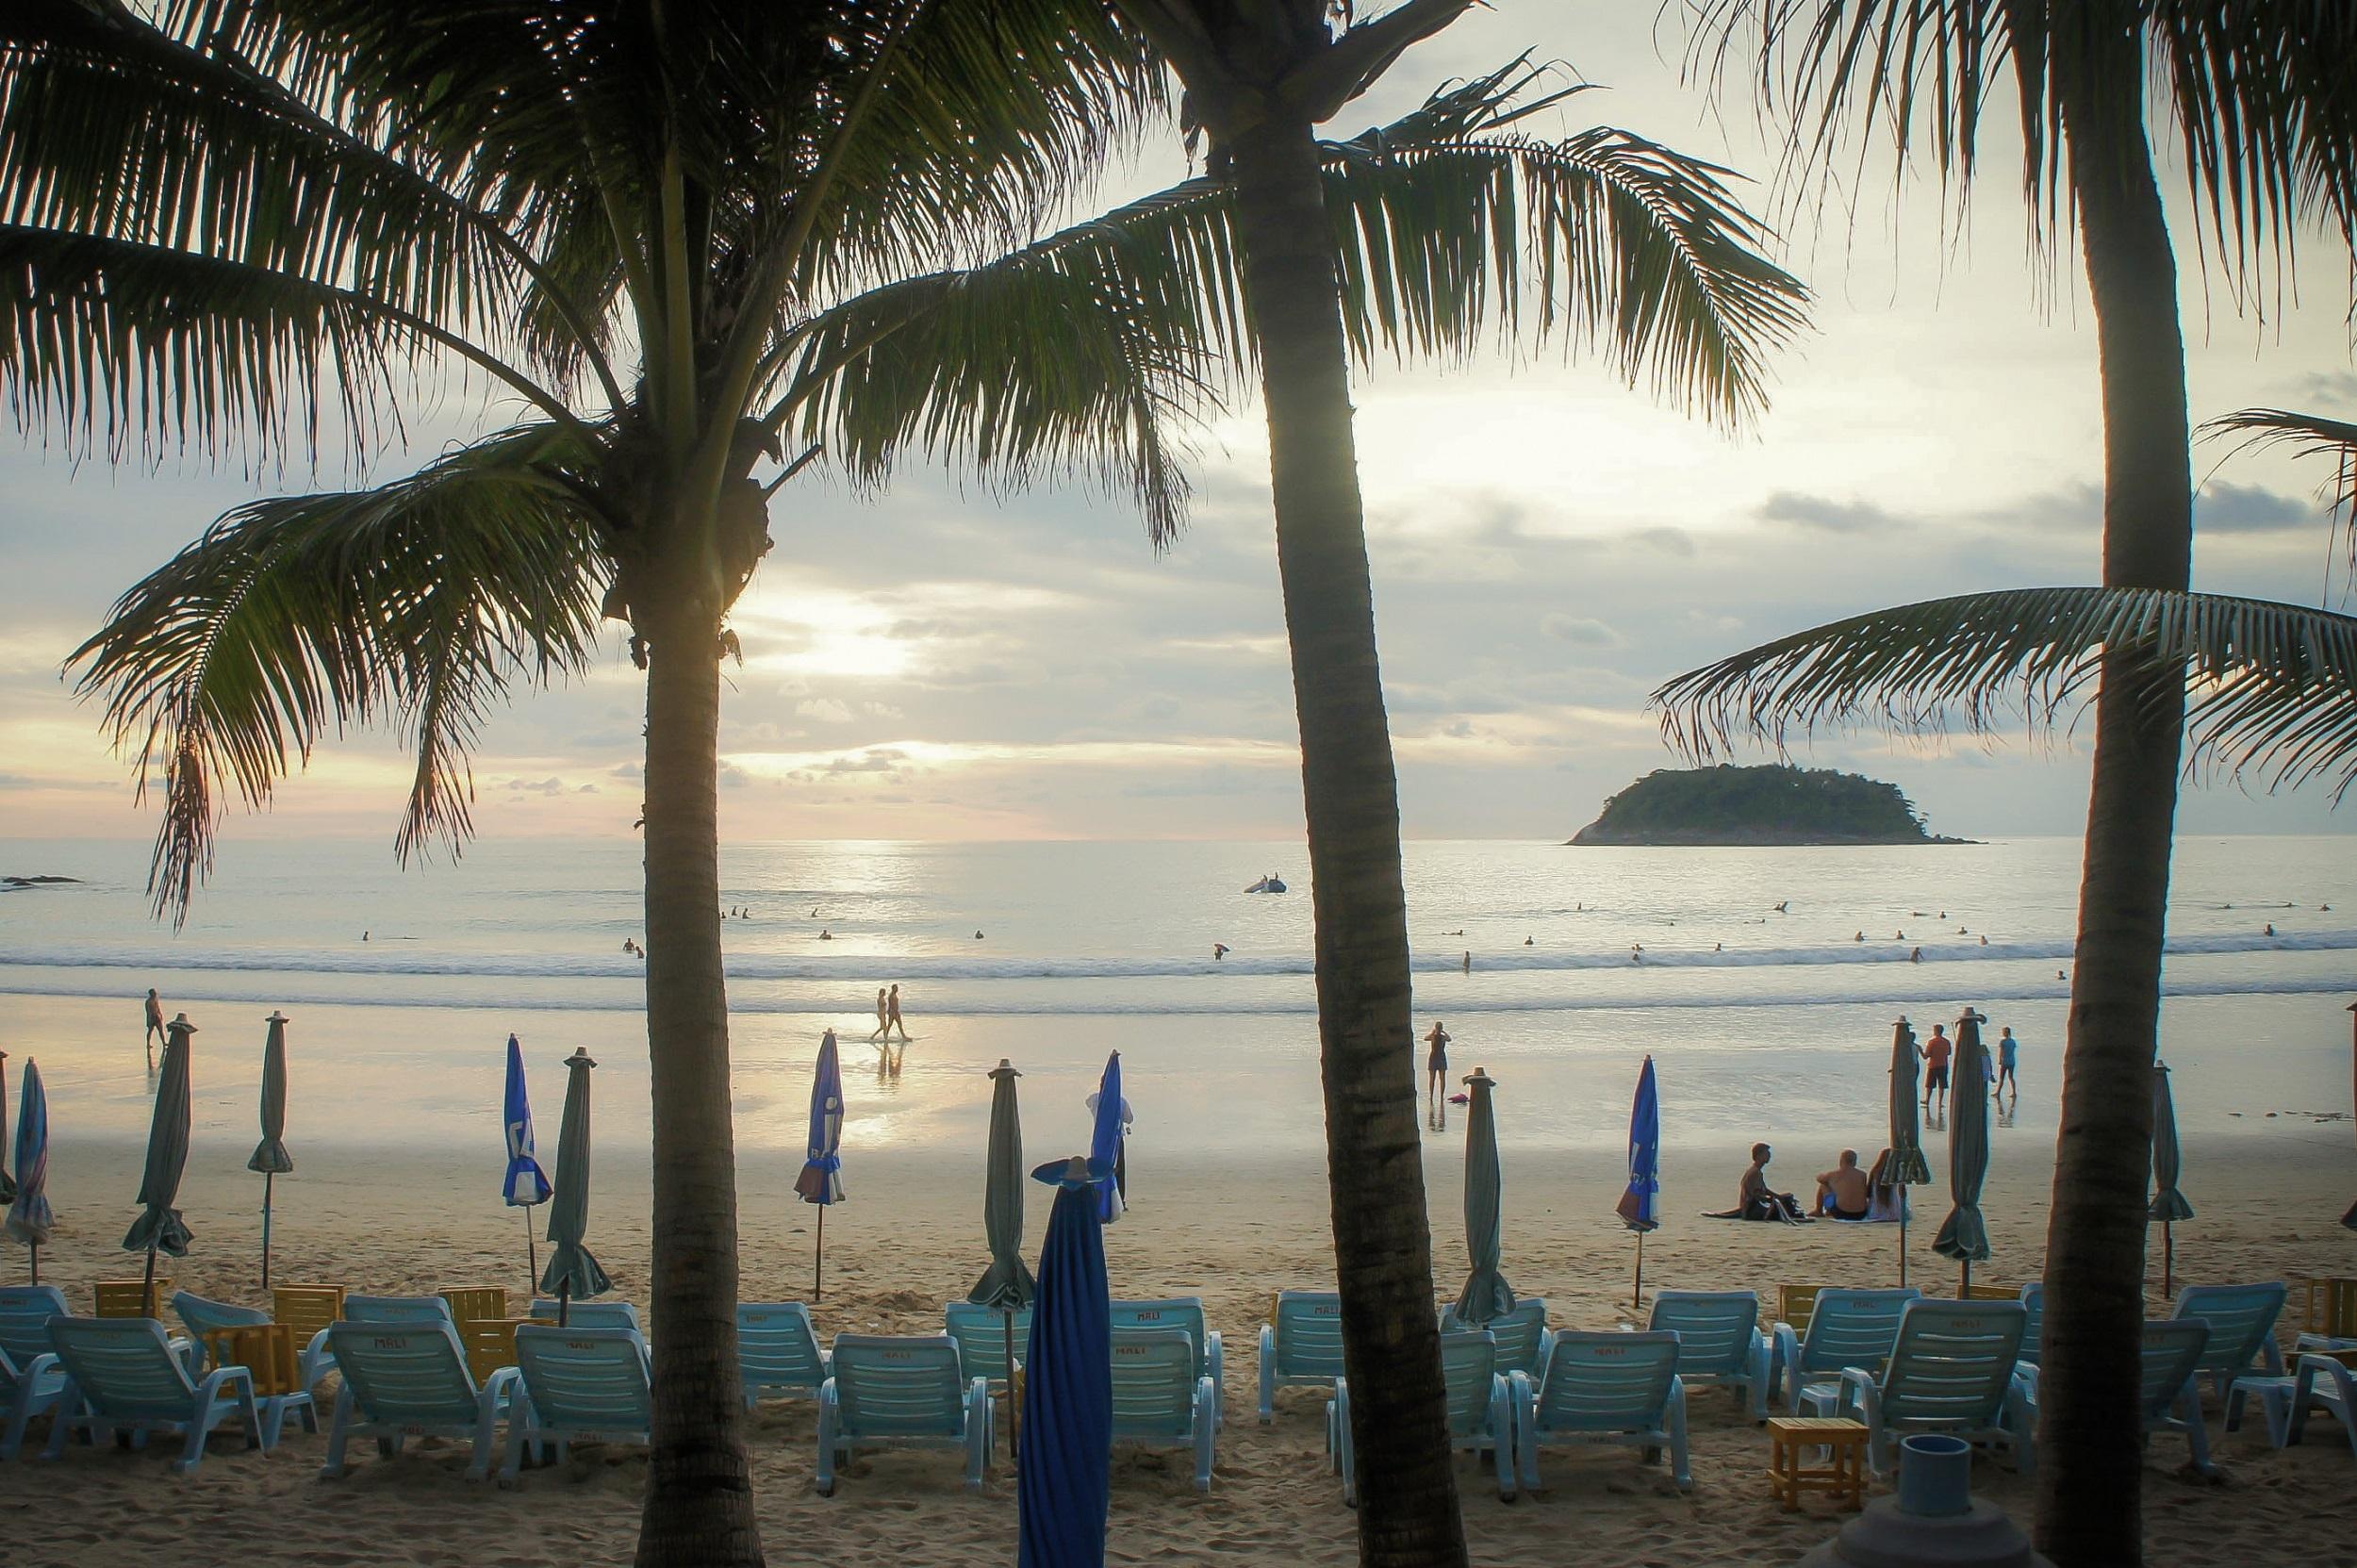 Tropical Beach, Beach, Ocean, Picnic, Sea, HQ Photo